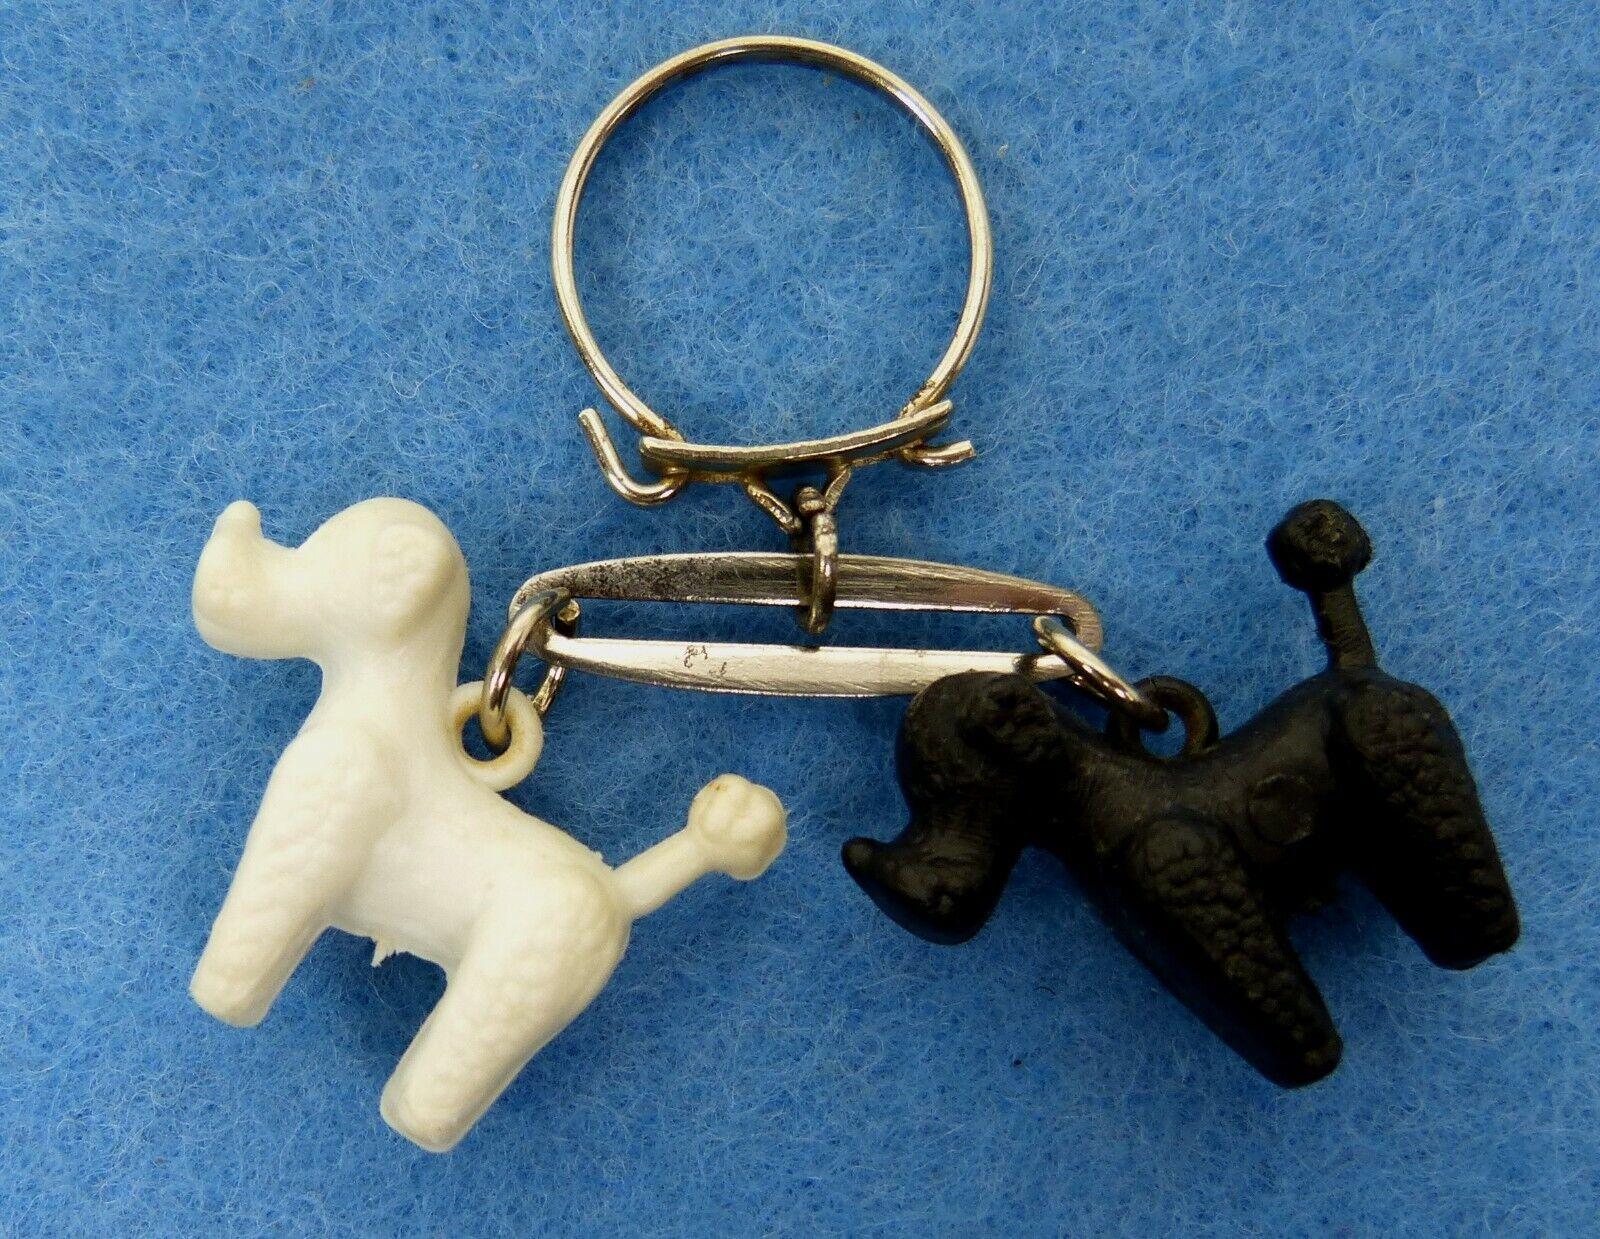 Porte-clés, key ring - 2 caniches noir et blanc - 2 poodles black and white -